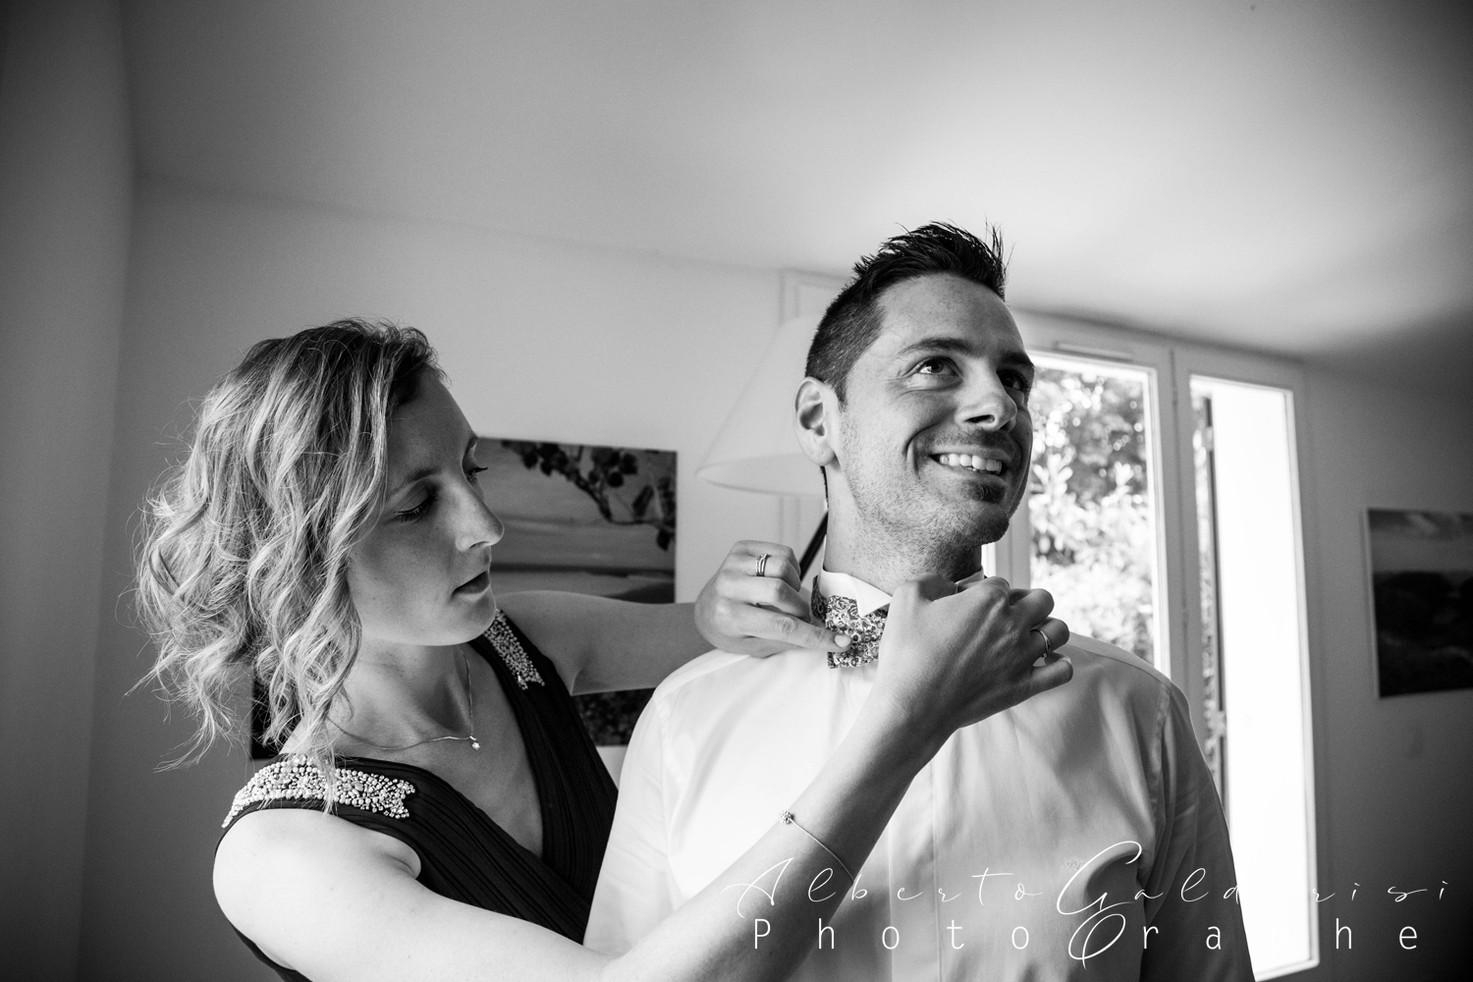 """""""Photographes très pro, ponctuel, discret. Nous le recommandons pour votre mariage."""" (Stéphanie - 07/11/2015)"""